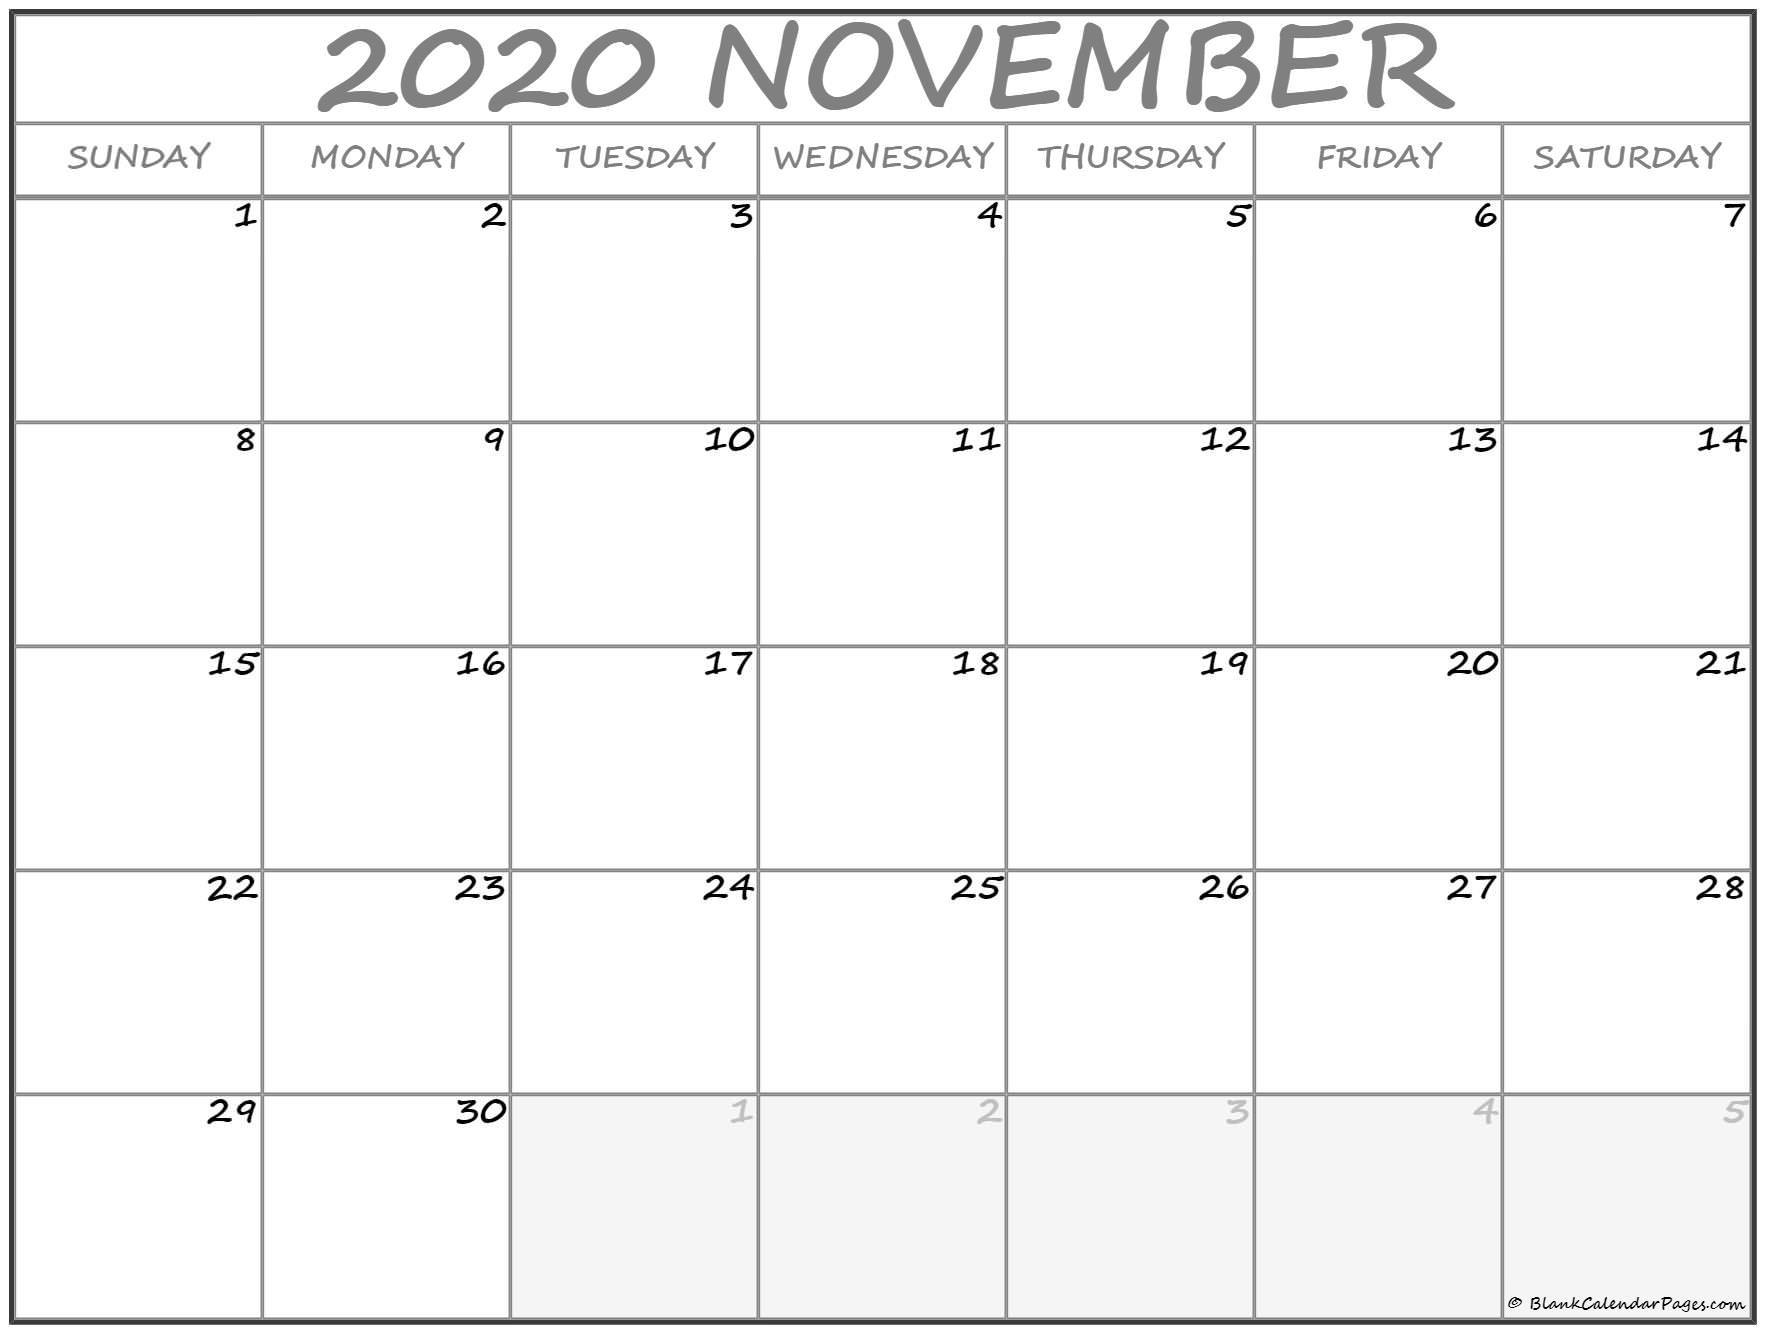 2020 November Printable Calendar November 2020 Calendar